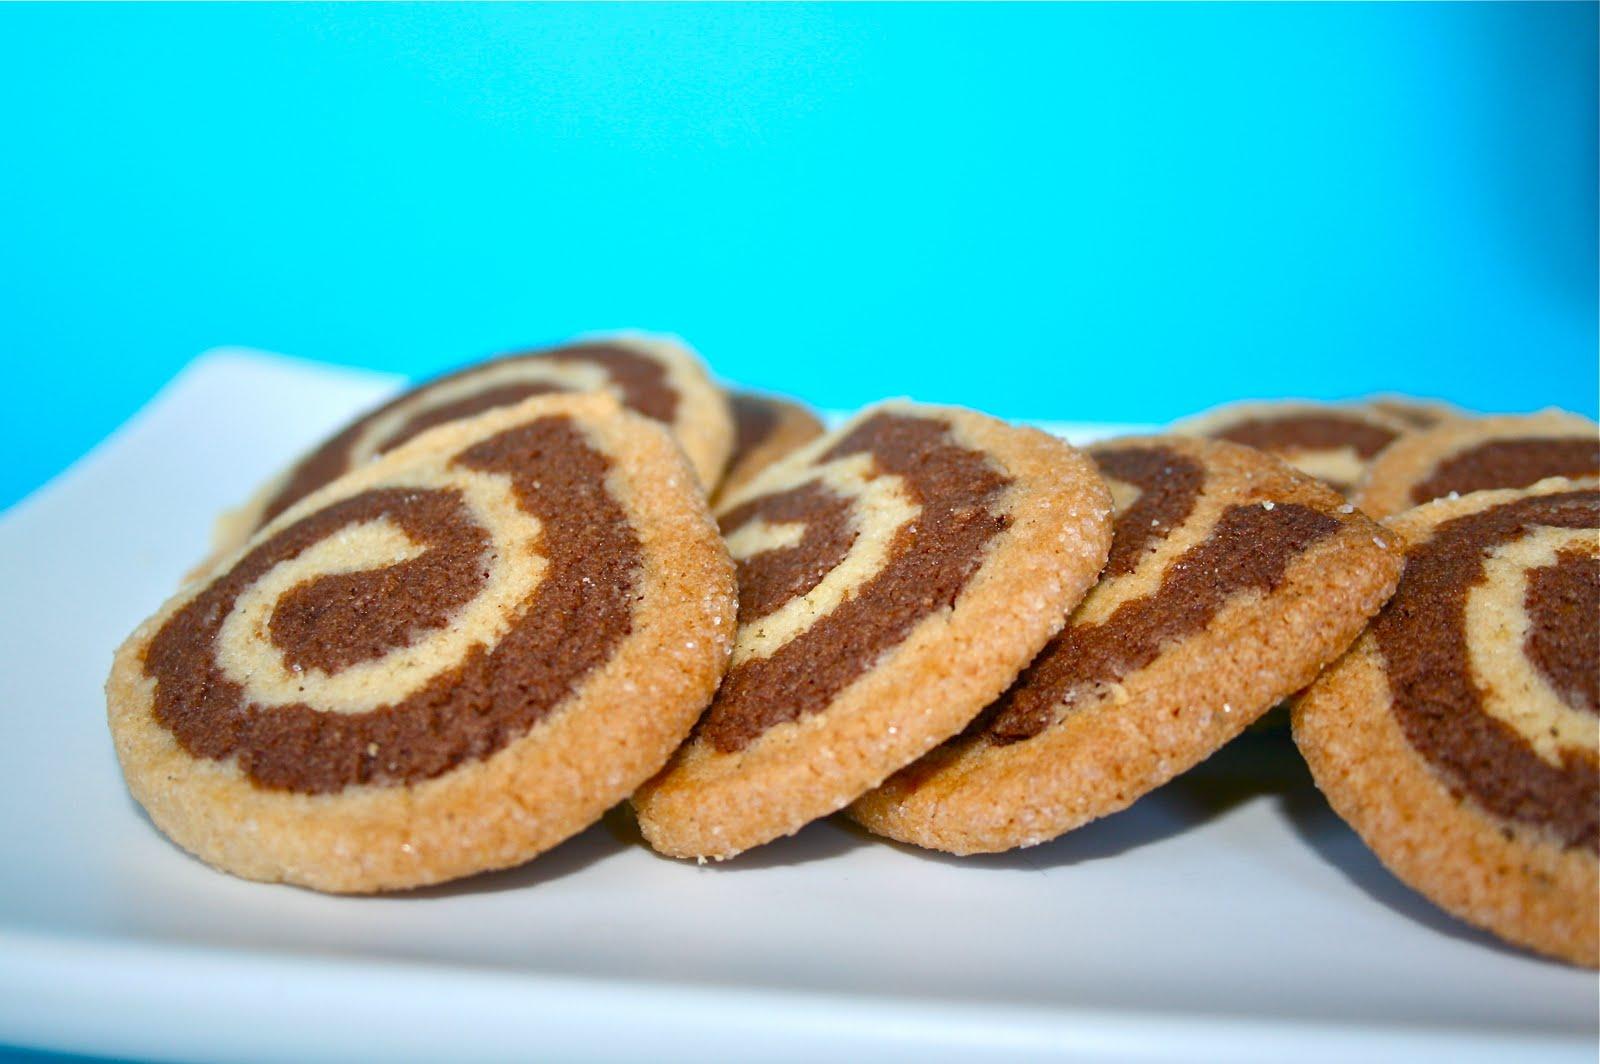 galletas faciles de hacer en casa